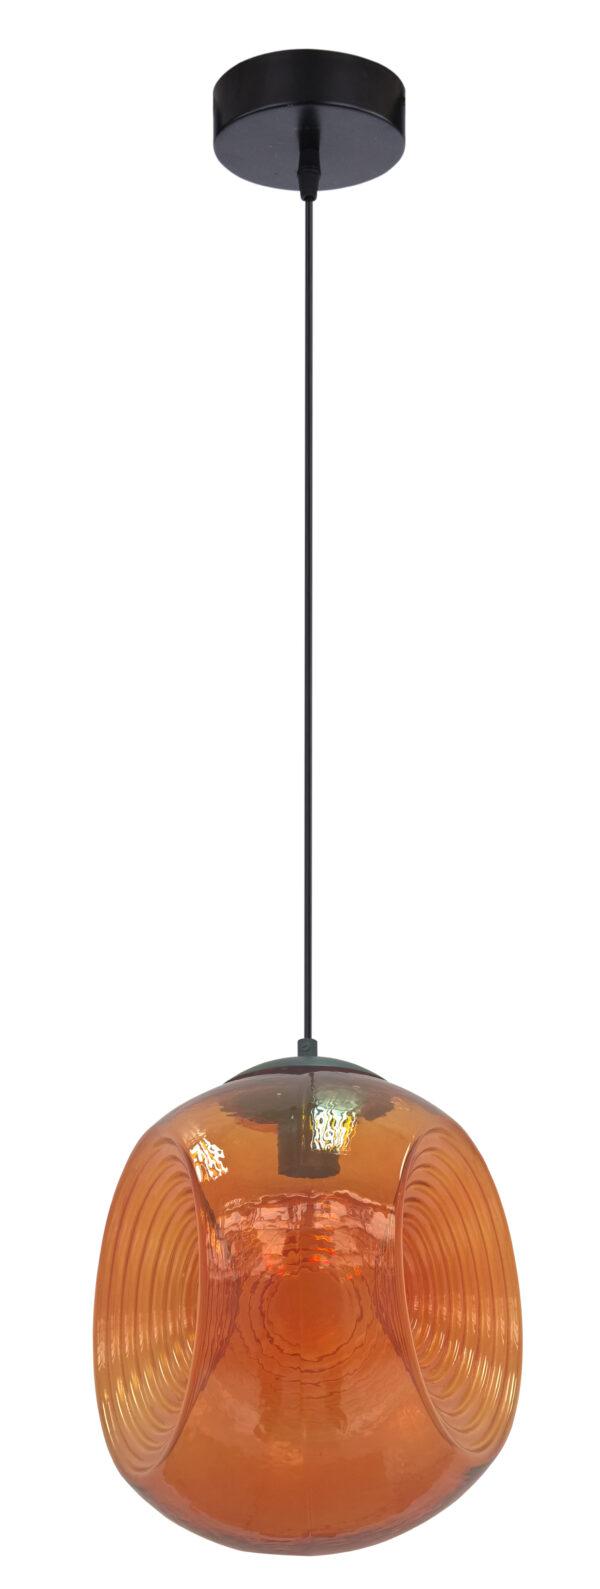 CLUB LAMPA WISZĄCA 28 1X60W E27 POMARAŃCZOWY - 31-51233